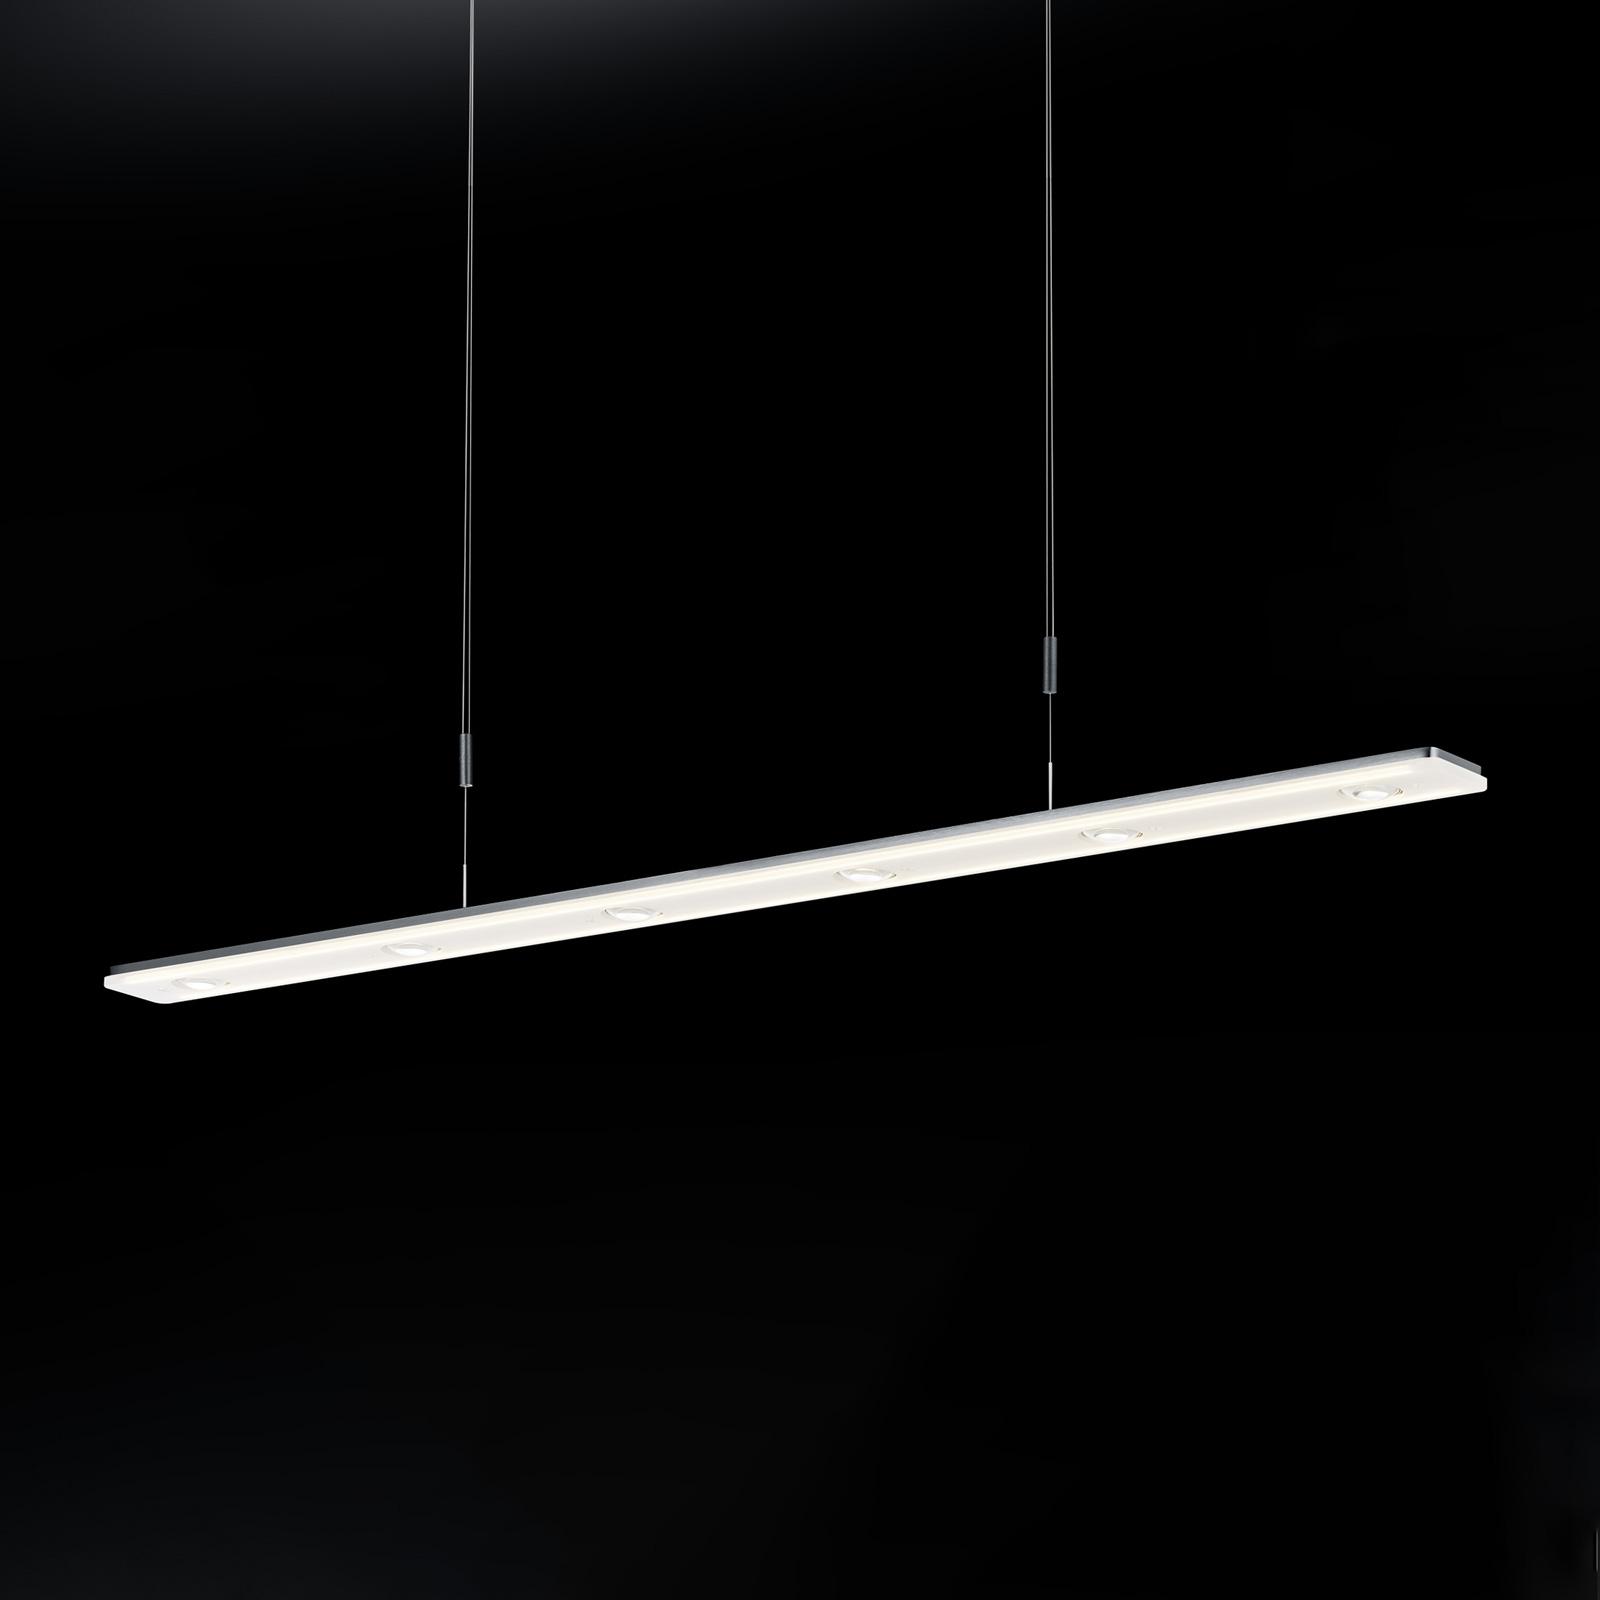 BANKAMP Caro LED-Hängeleuchte, anthrazit